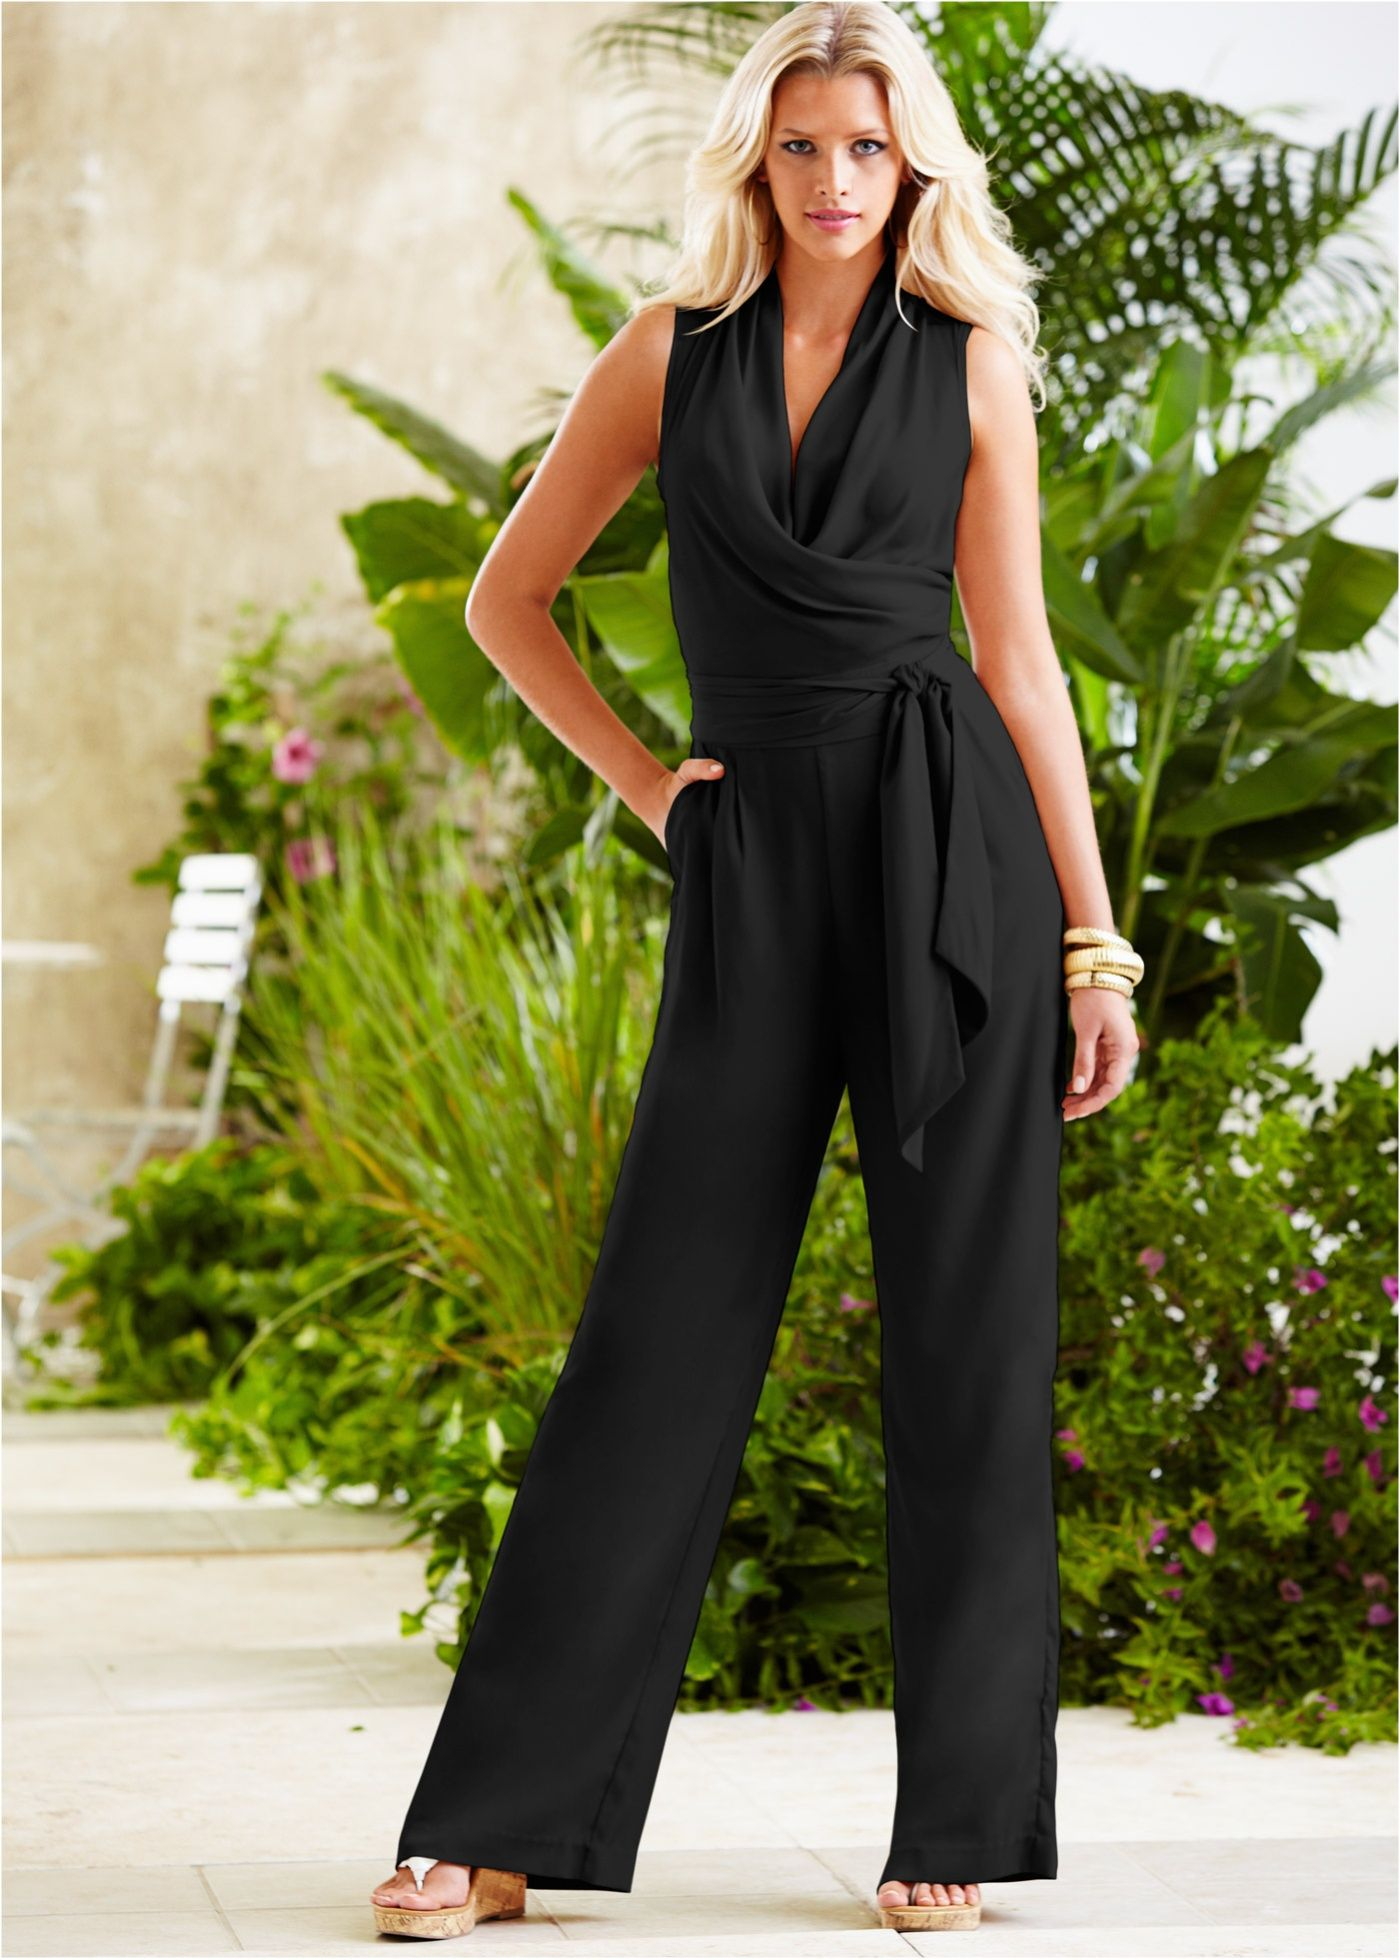 ae5681ff8 Macacão pantalona com cinto preto encomendar agora na loja on-line bonprix .com.br R  119